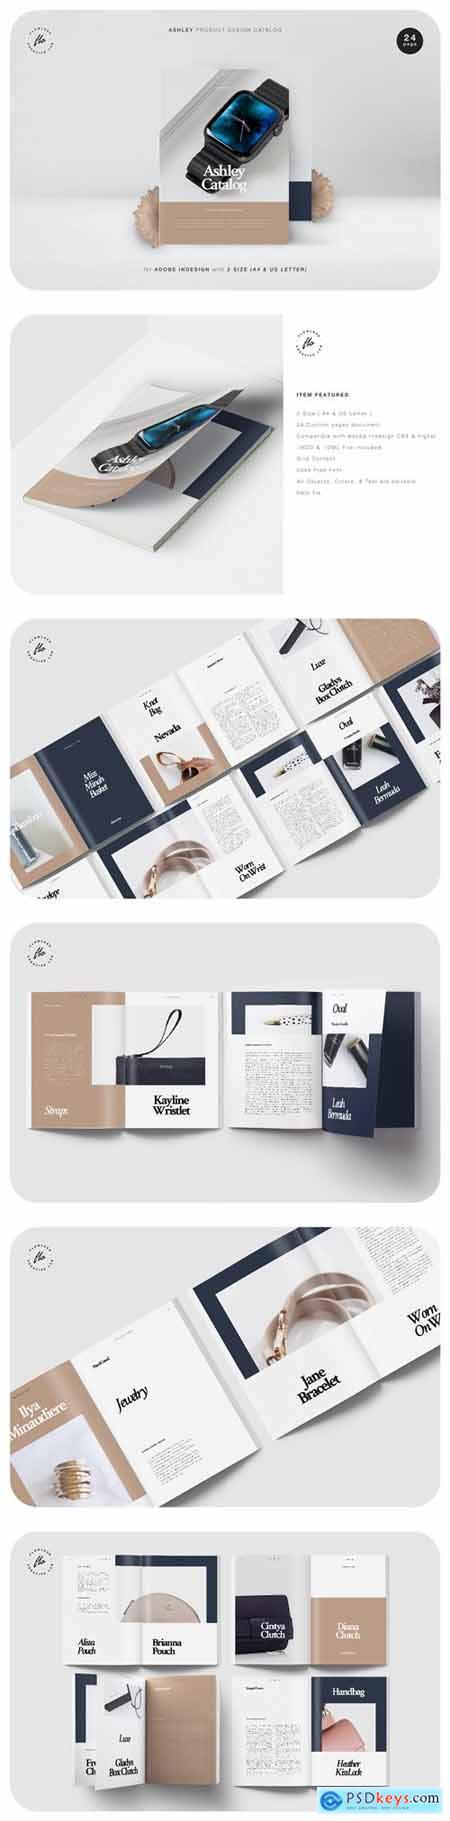 Ashley Product Design Catalog